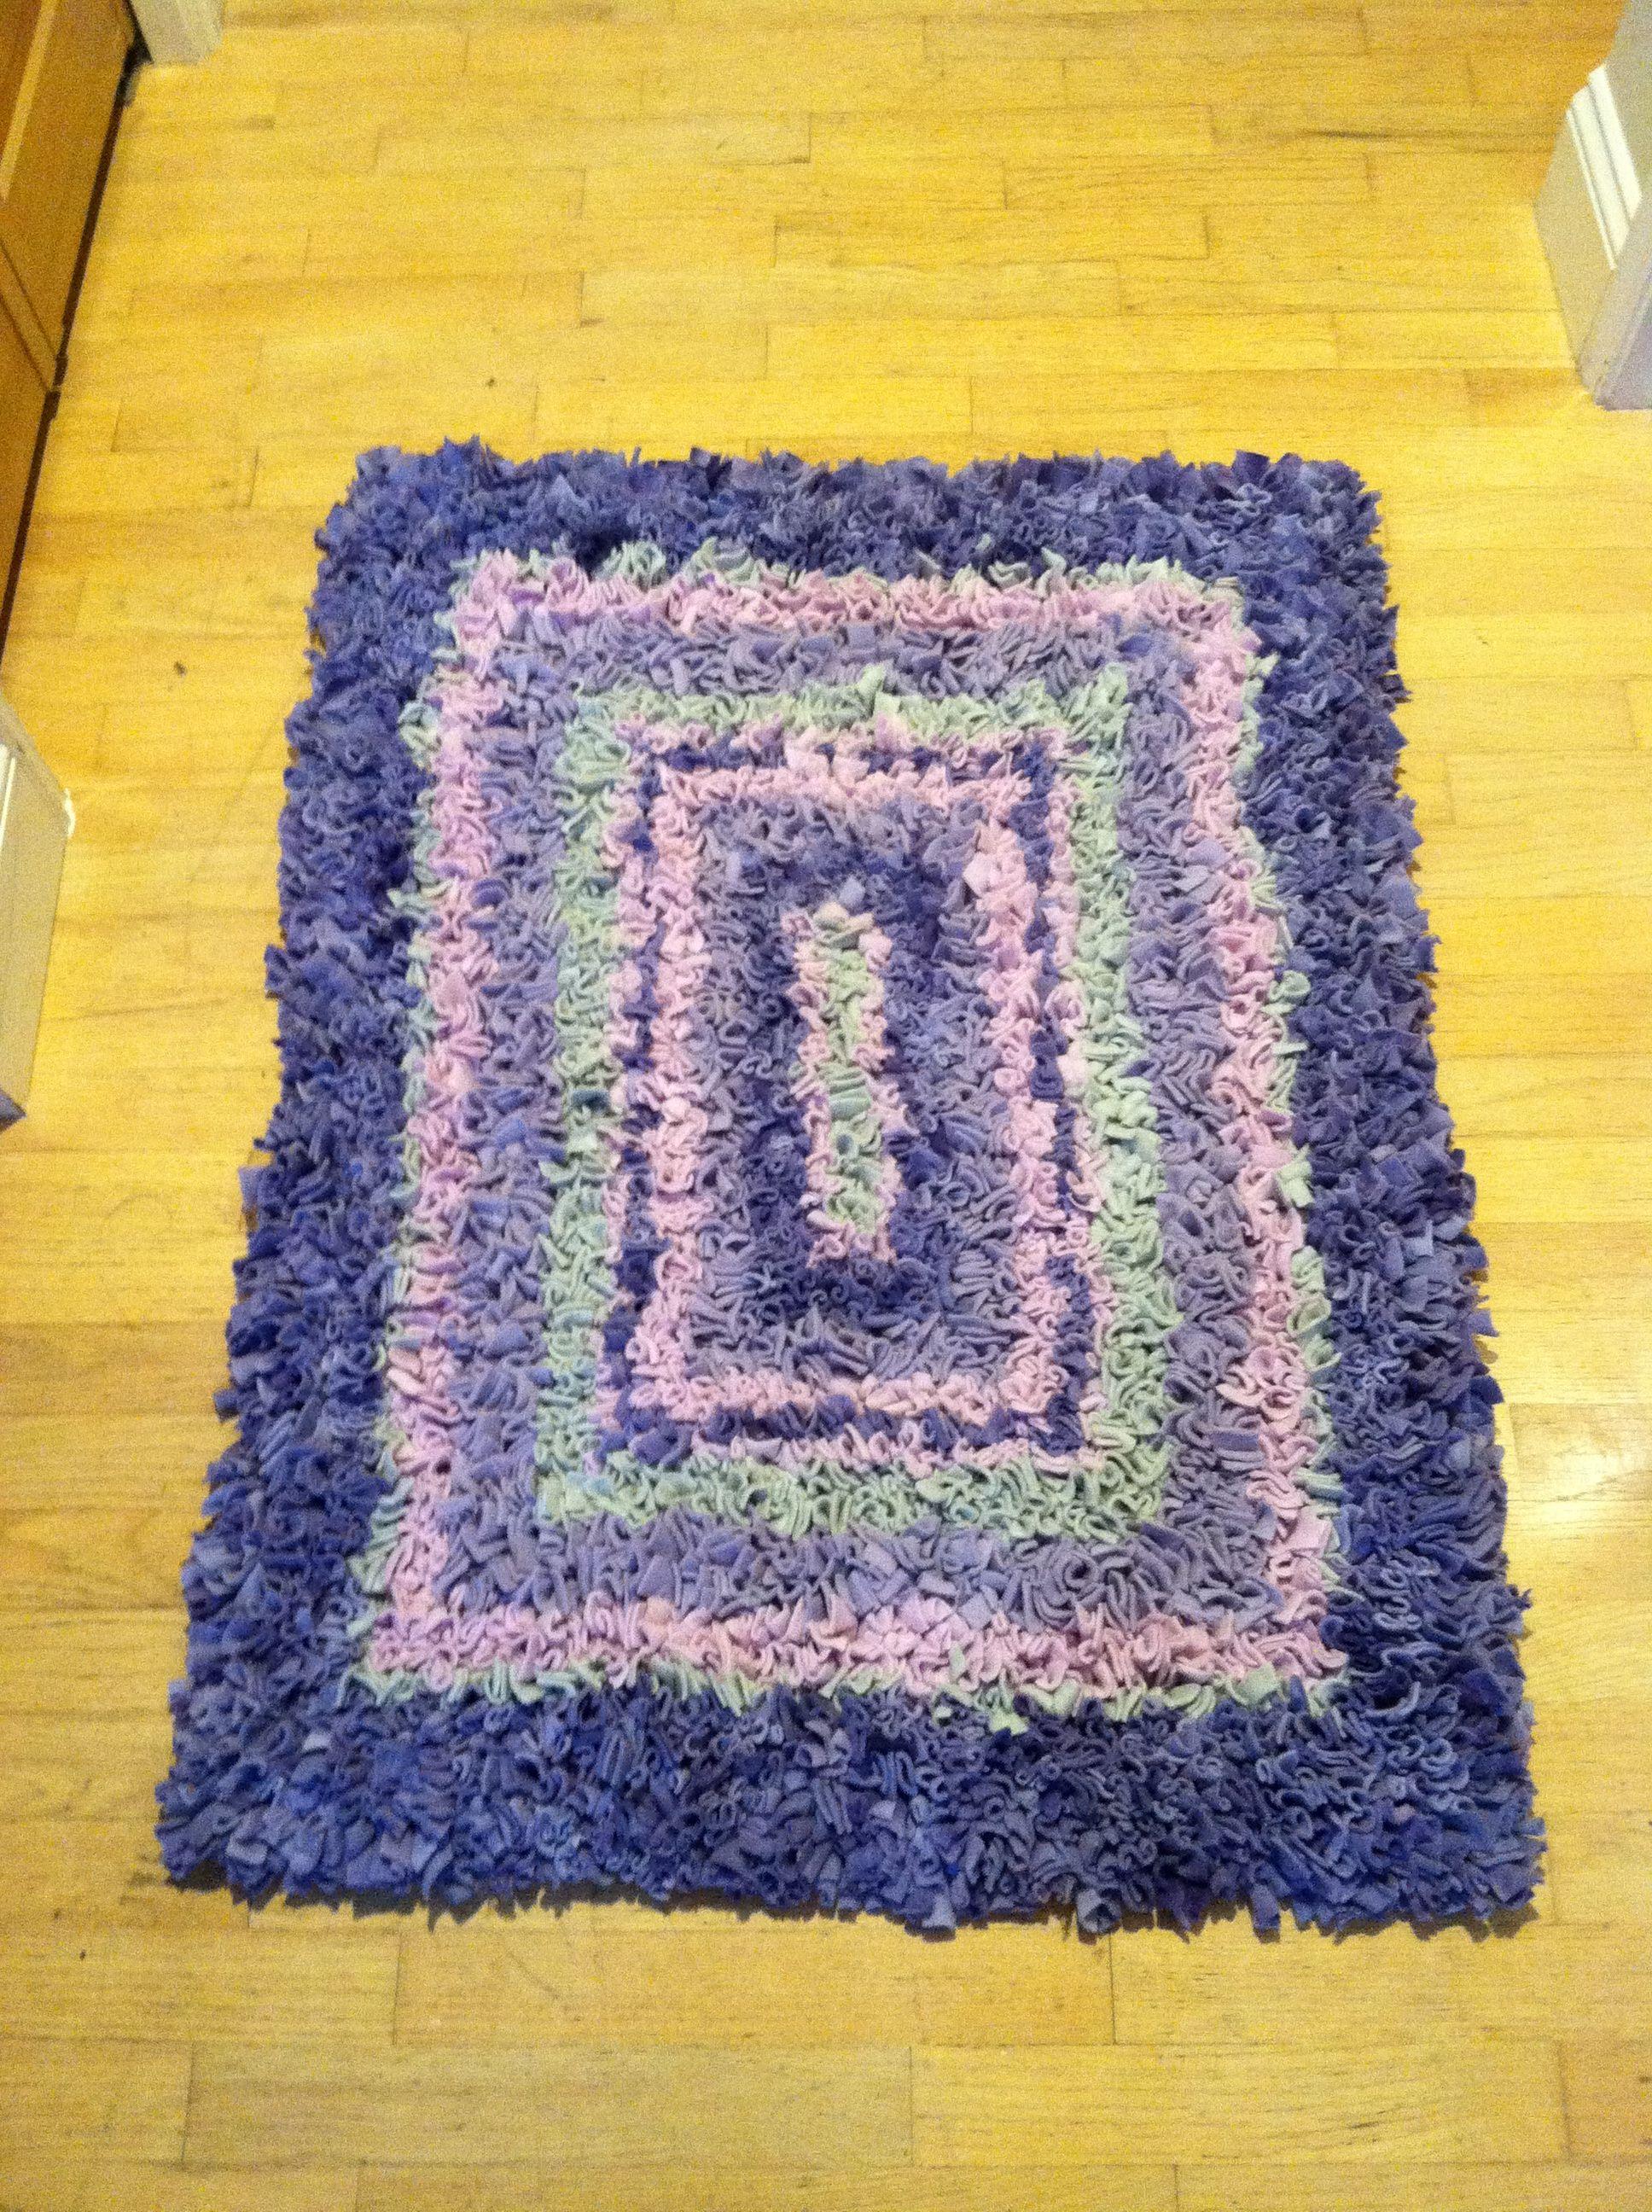 Diy Rug Made From Fleece Craft Night Things Art N Painted